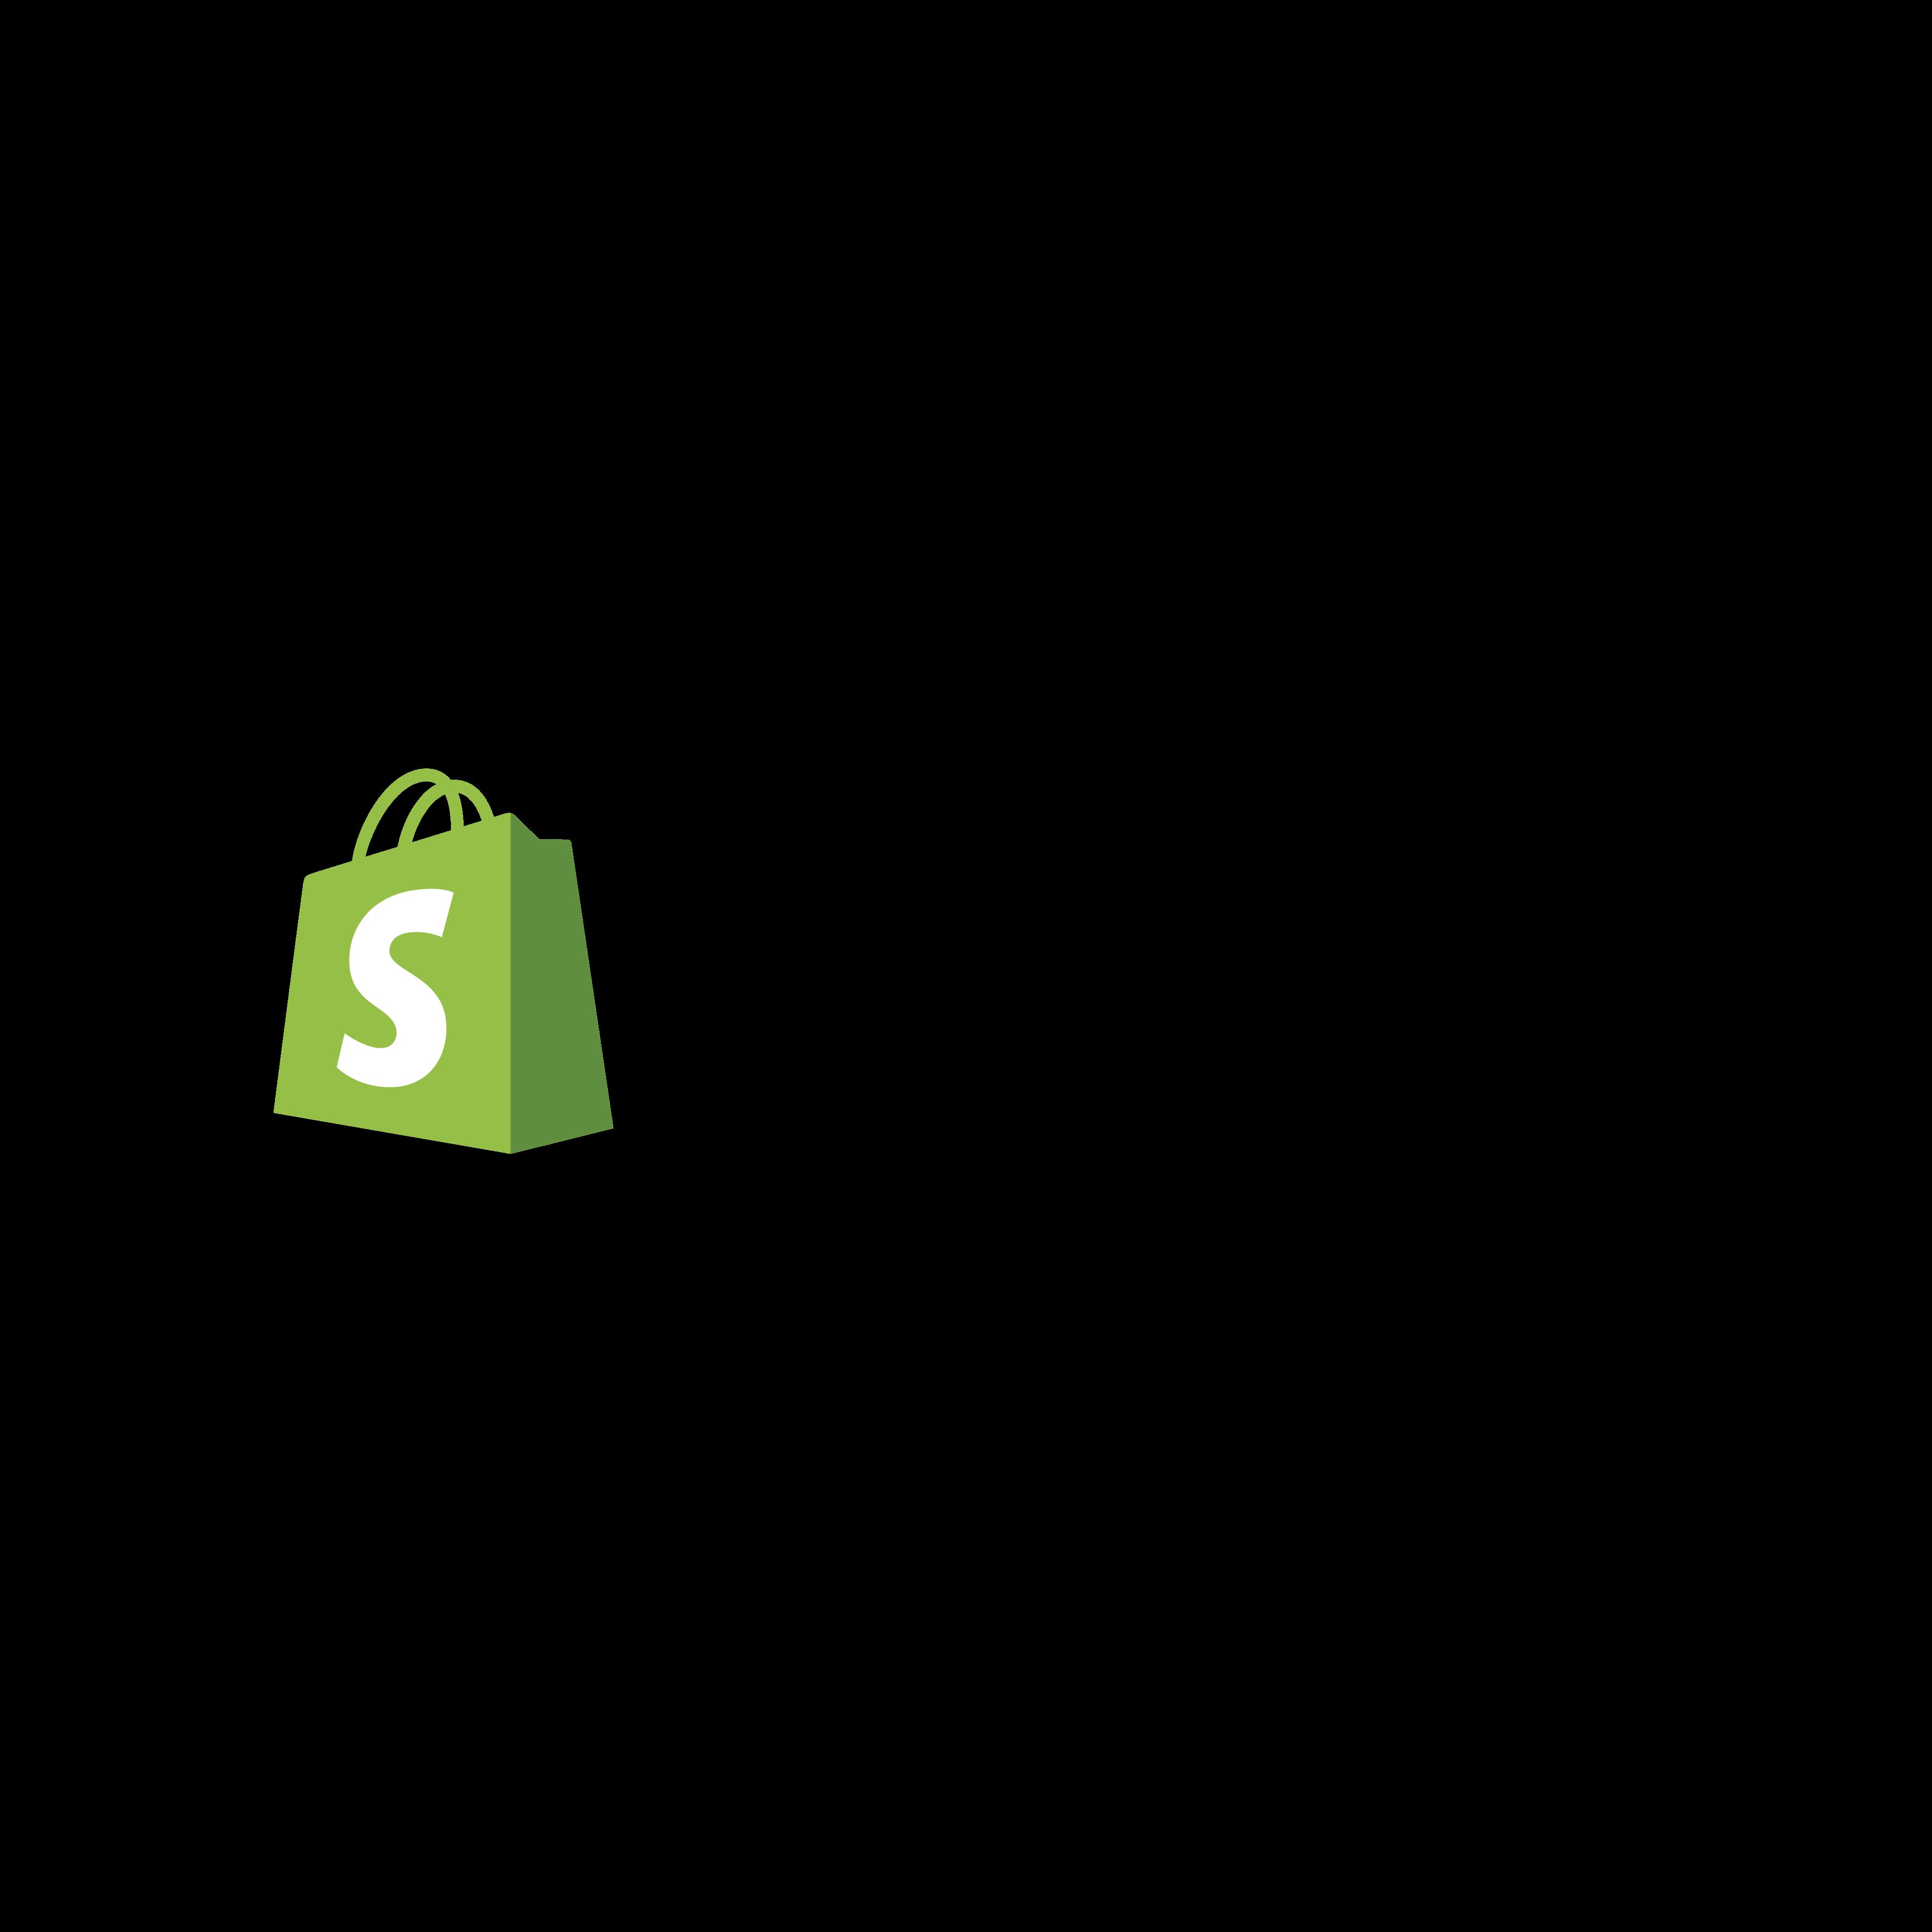 shopify logo 0 - Shopify Logo